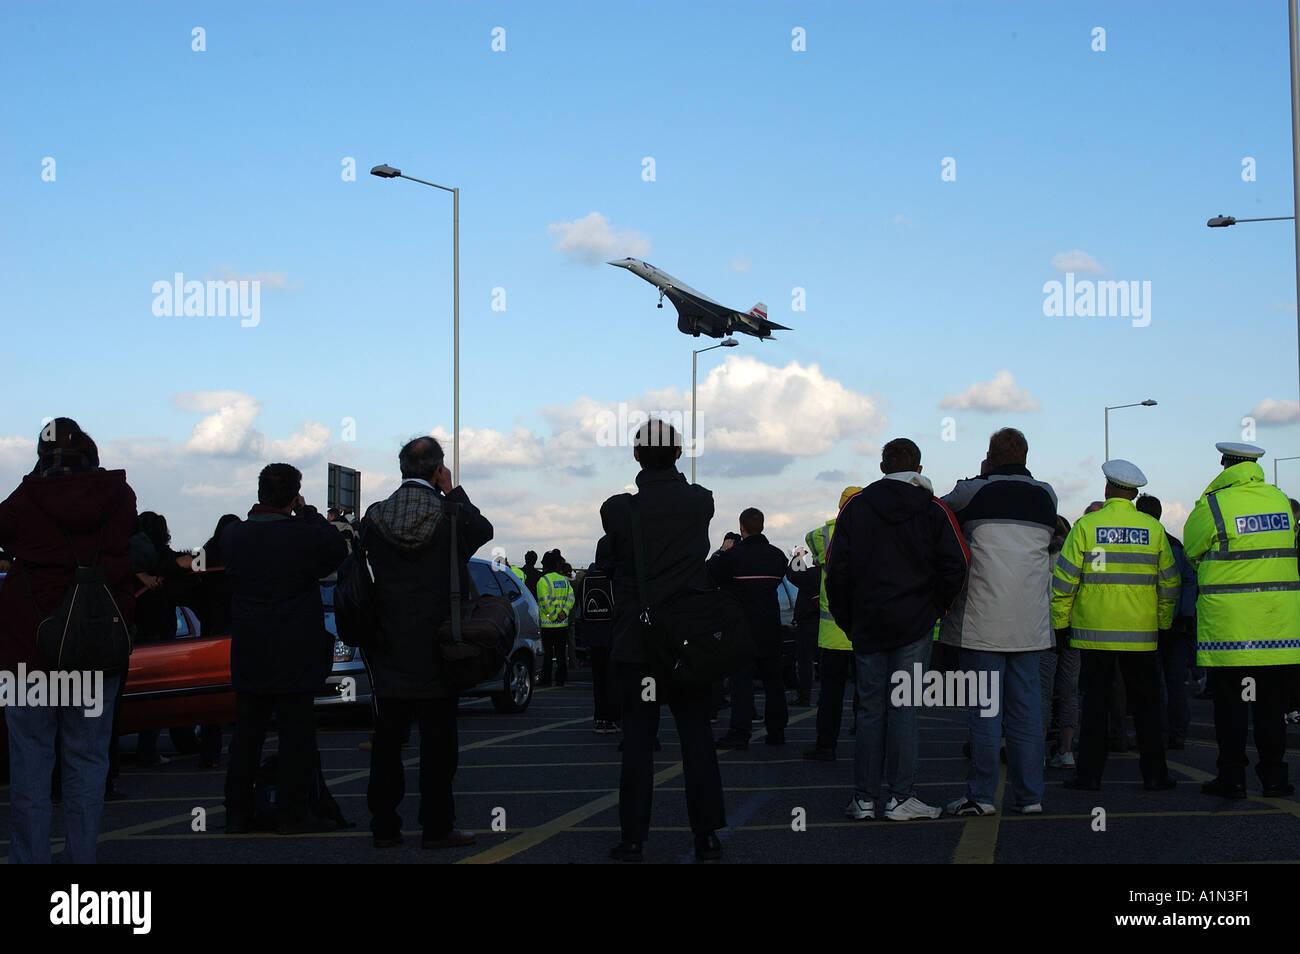 Concorde voo comercial final chegar no aeroporto de Heathrow Imagens de Stock